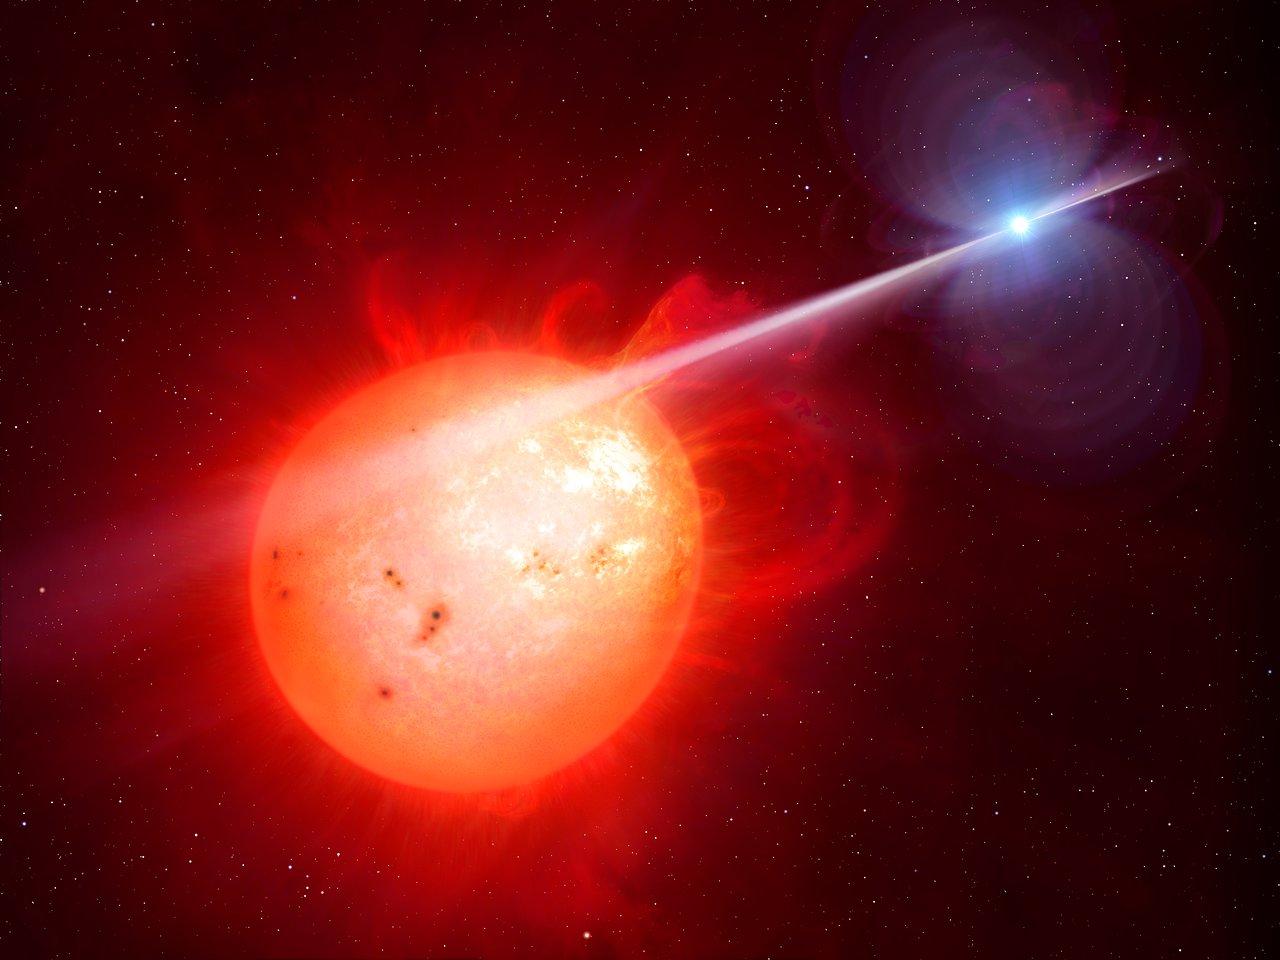 Whip It Good! Star's Radiation Beam Sparks Cosmic Light Show